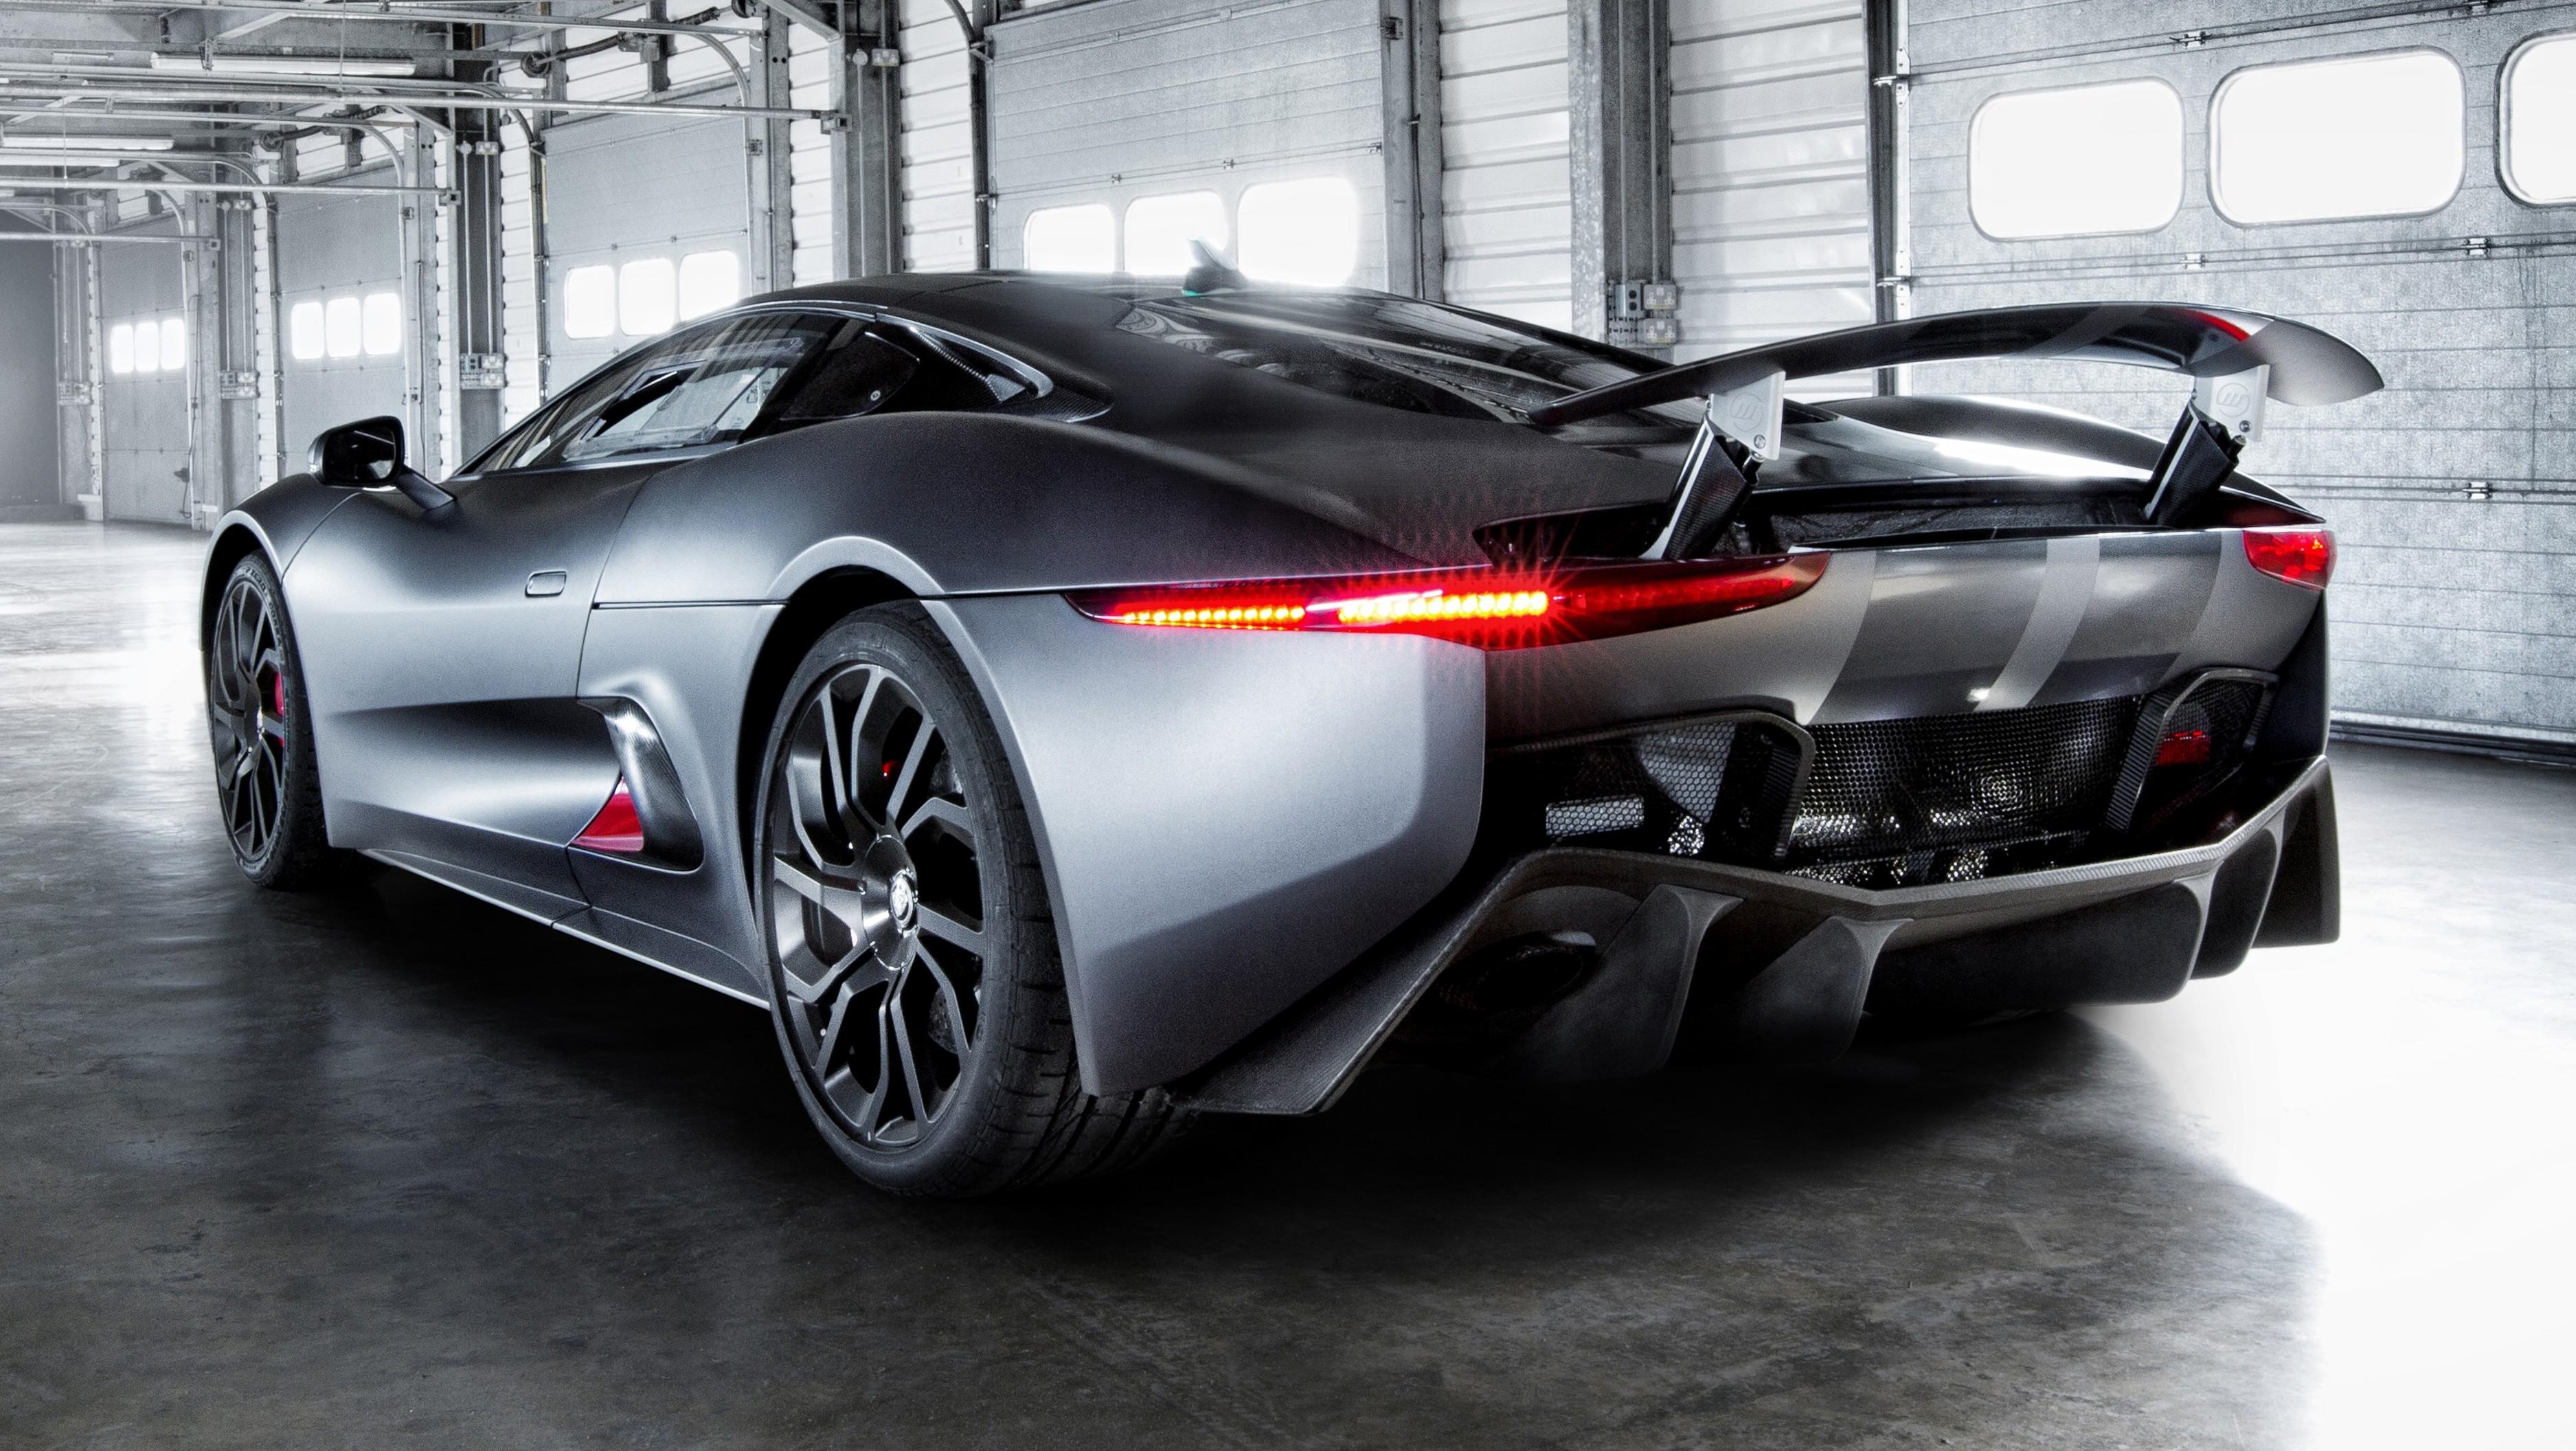 Jaguar C X75 Range Rover Sport Svr And Land Rover